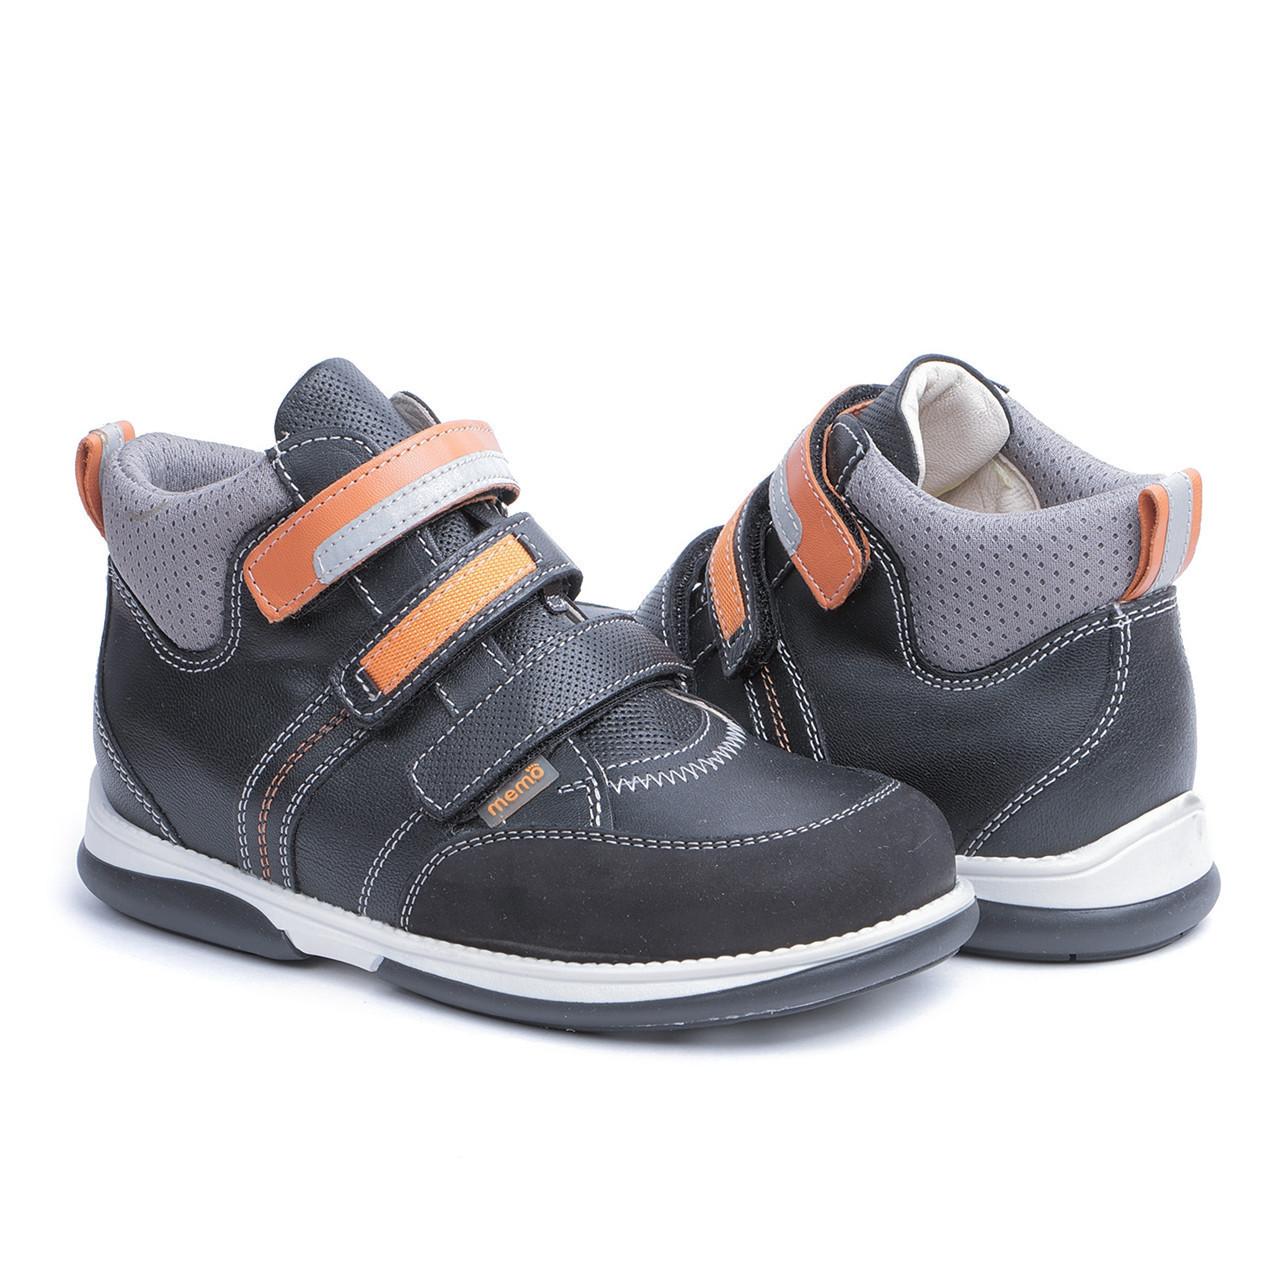 Memo Polo Черно-оранжевые - Детские ортопедические кроссовки 35